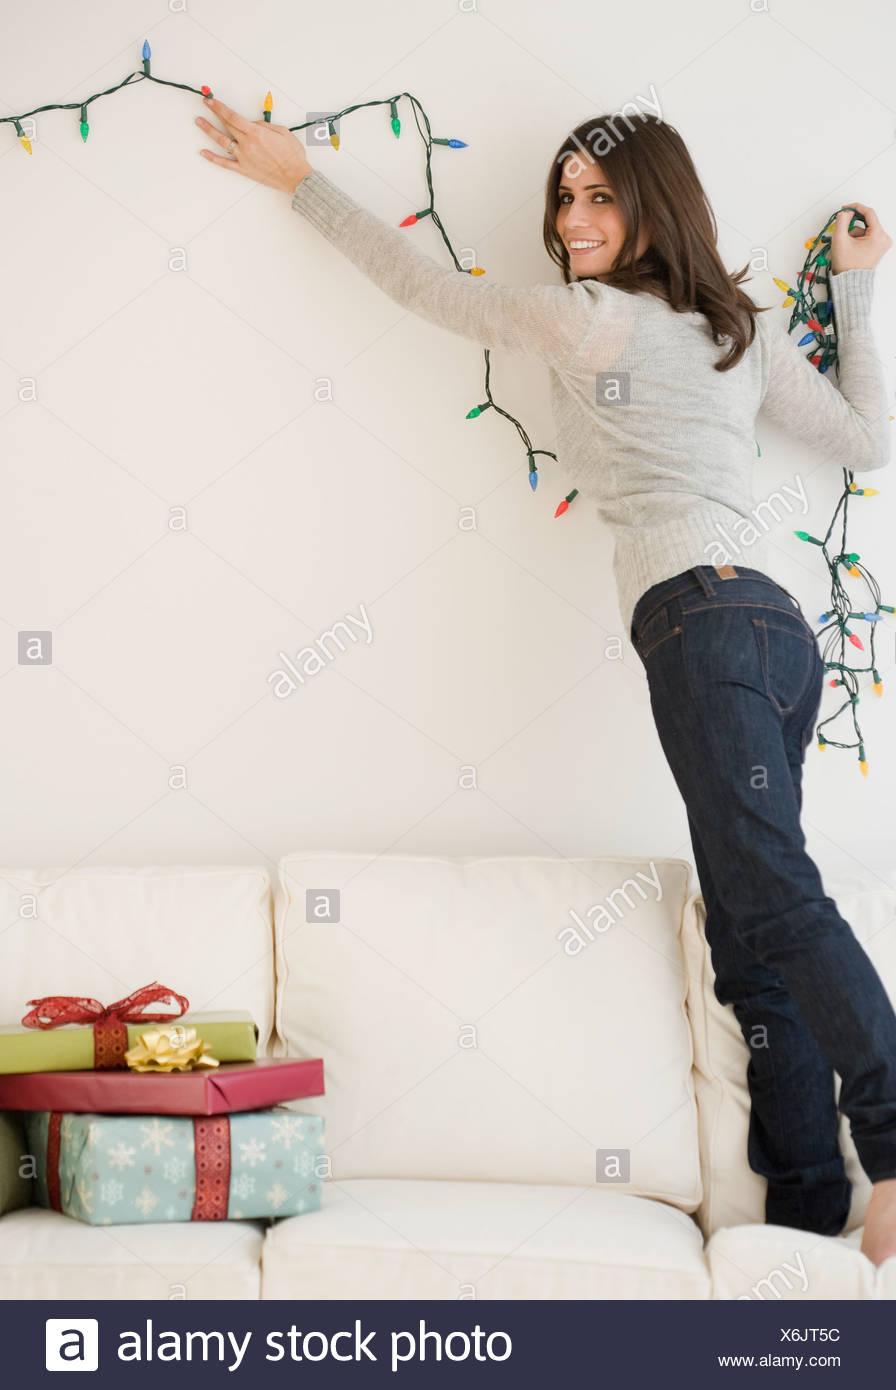 Woman hanging Christmas lights Stock Photo